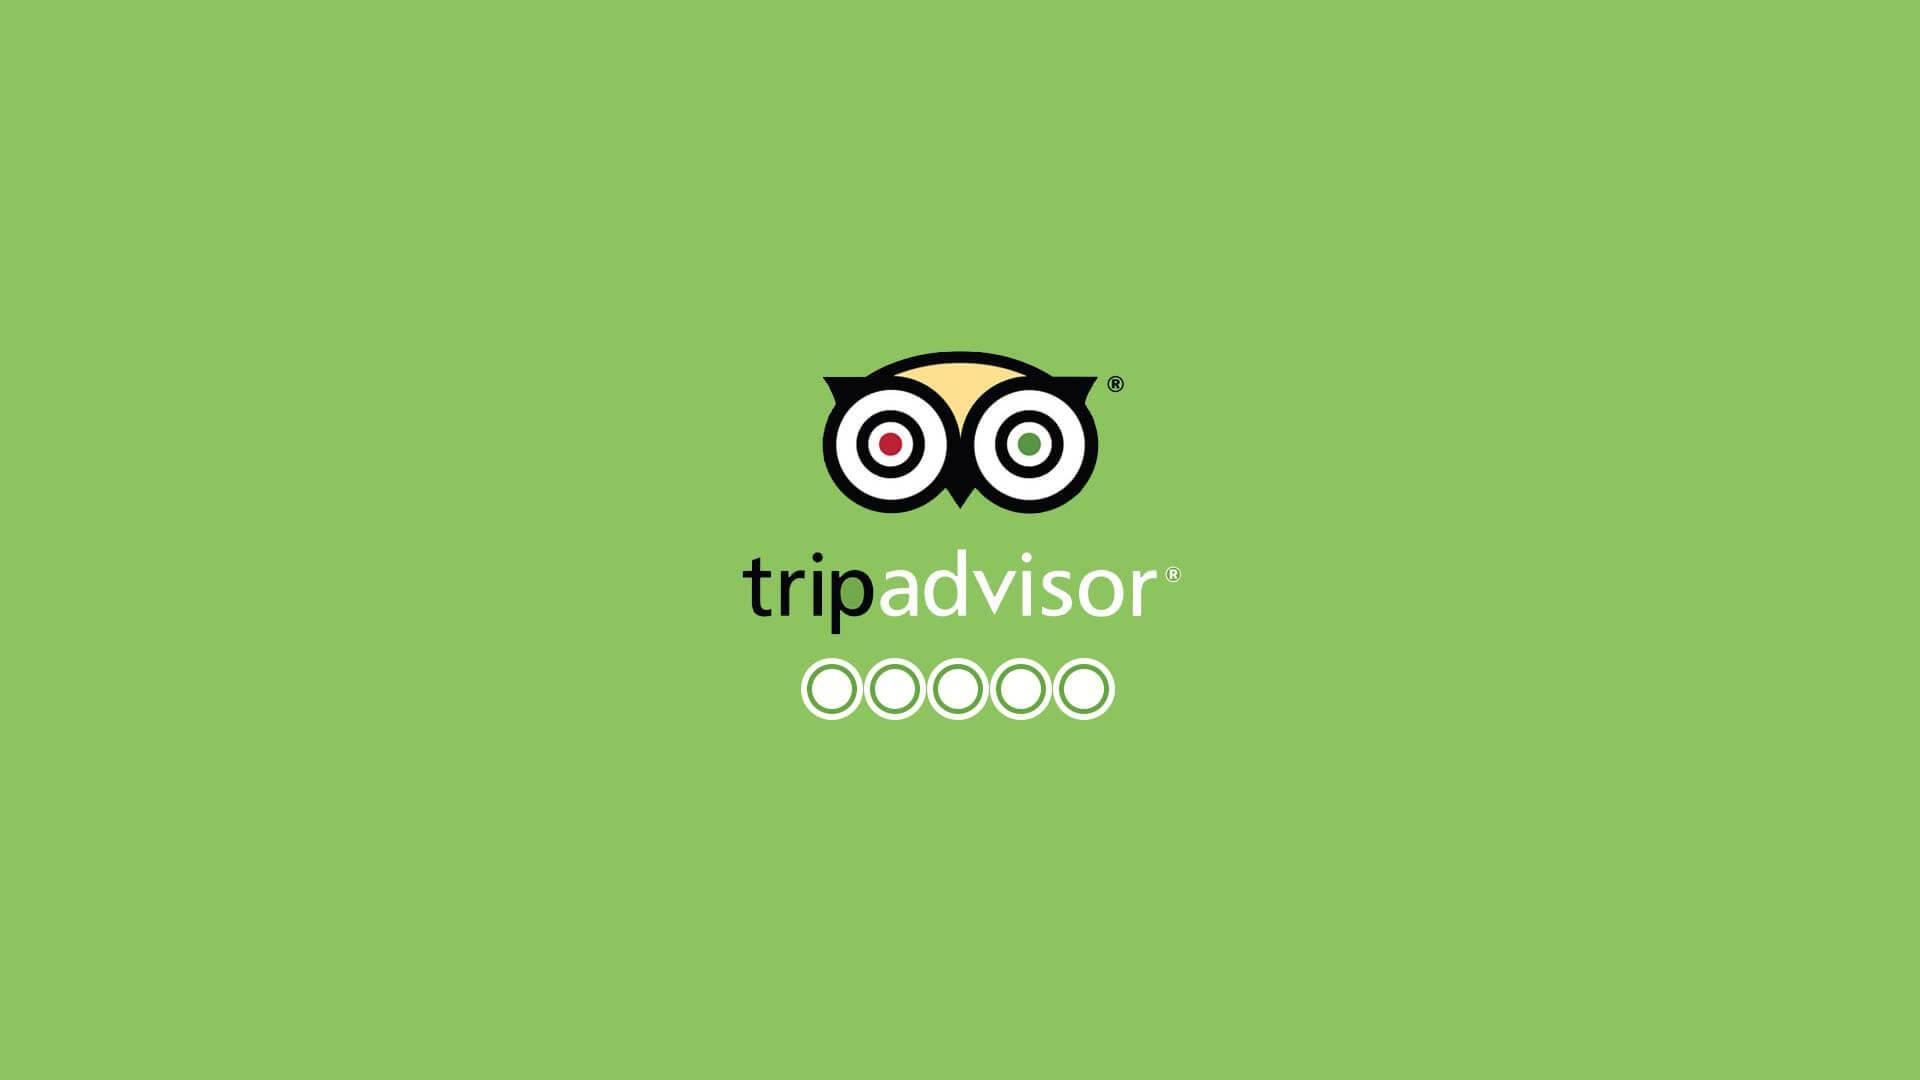 trip-advisor-wp-1920×1080